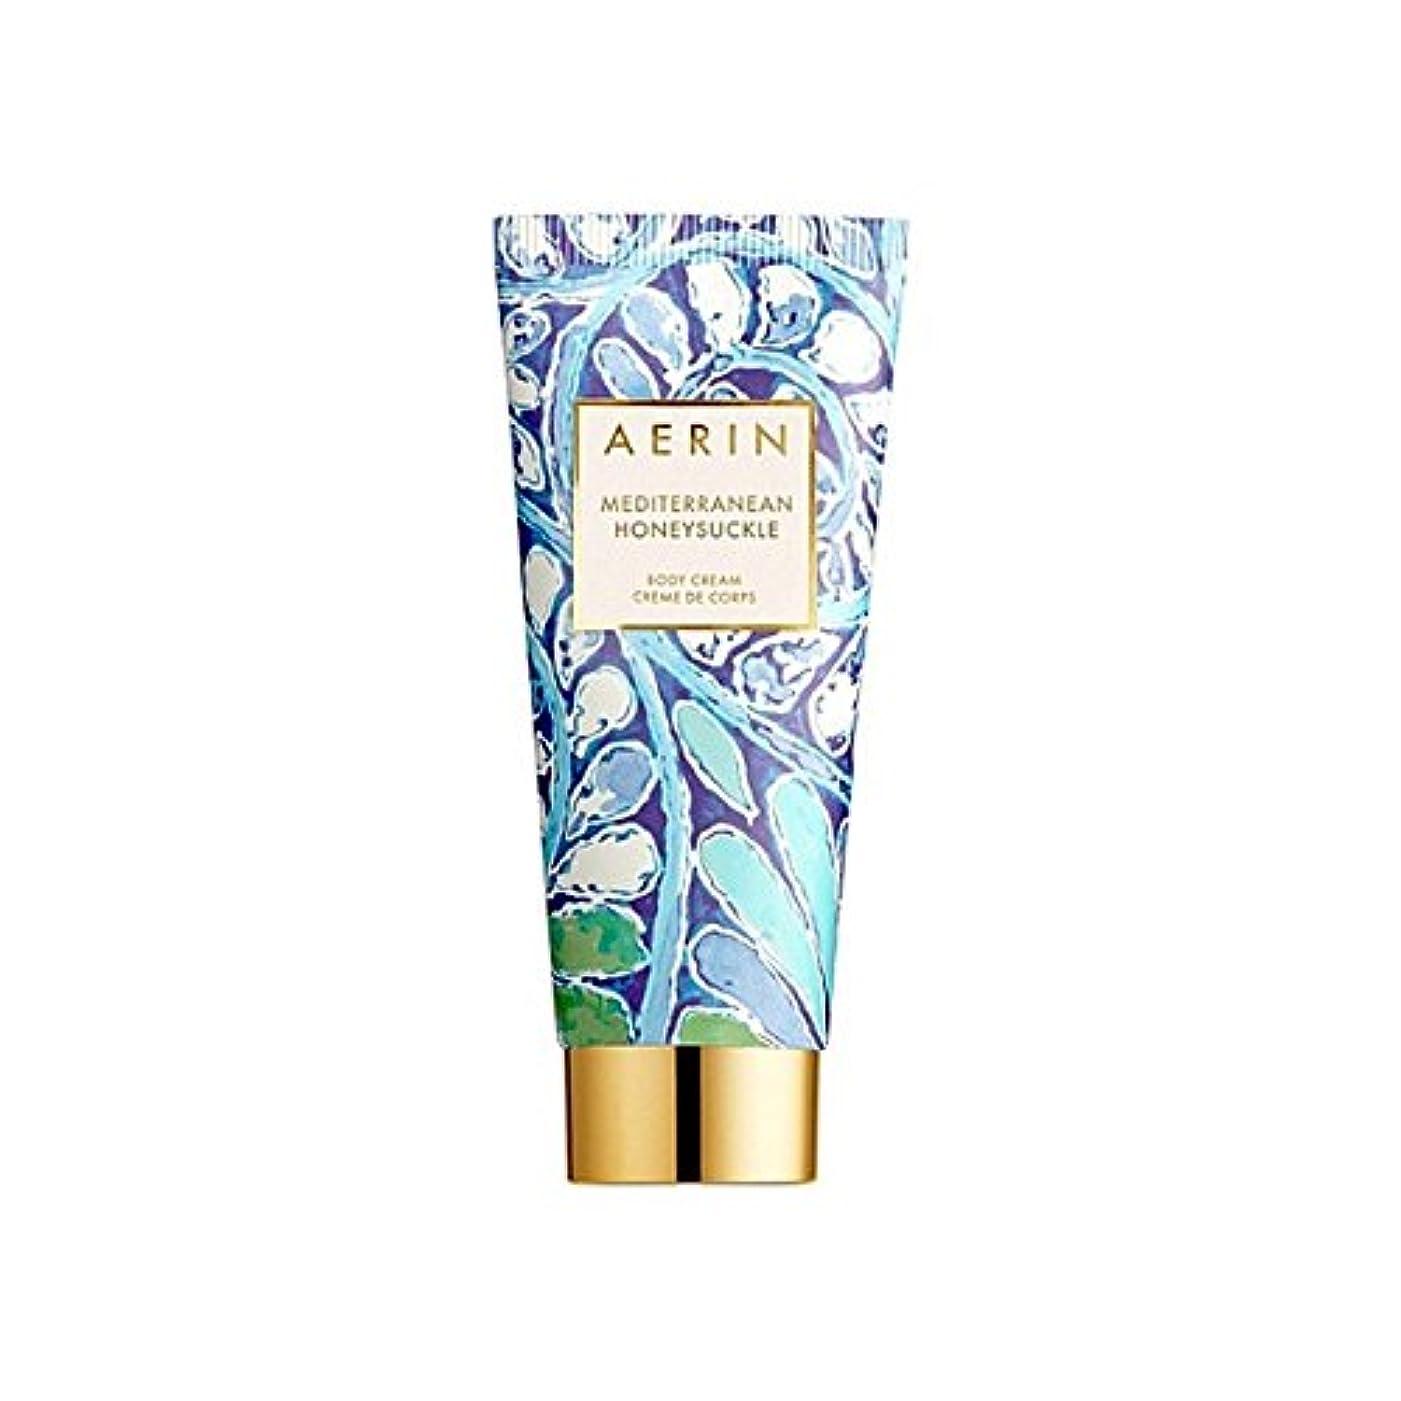 Aerin Mediterrenean Honeysuckle Body Cream 150ml - スイカズラボディクリーム150ミリリットル [並行輸入品]